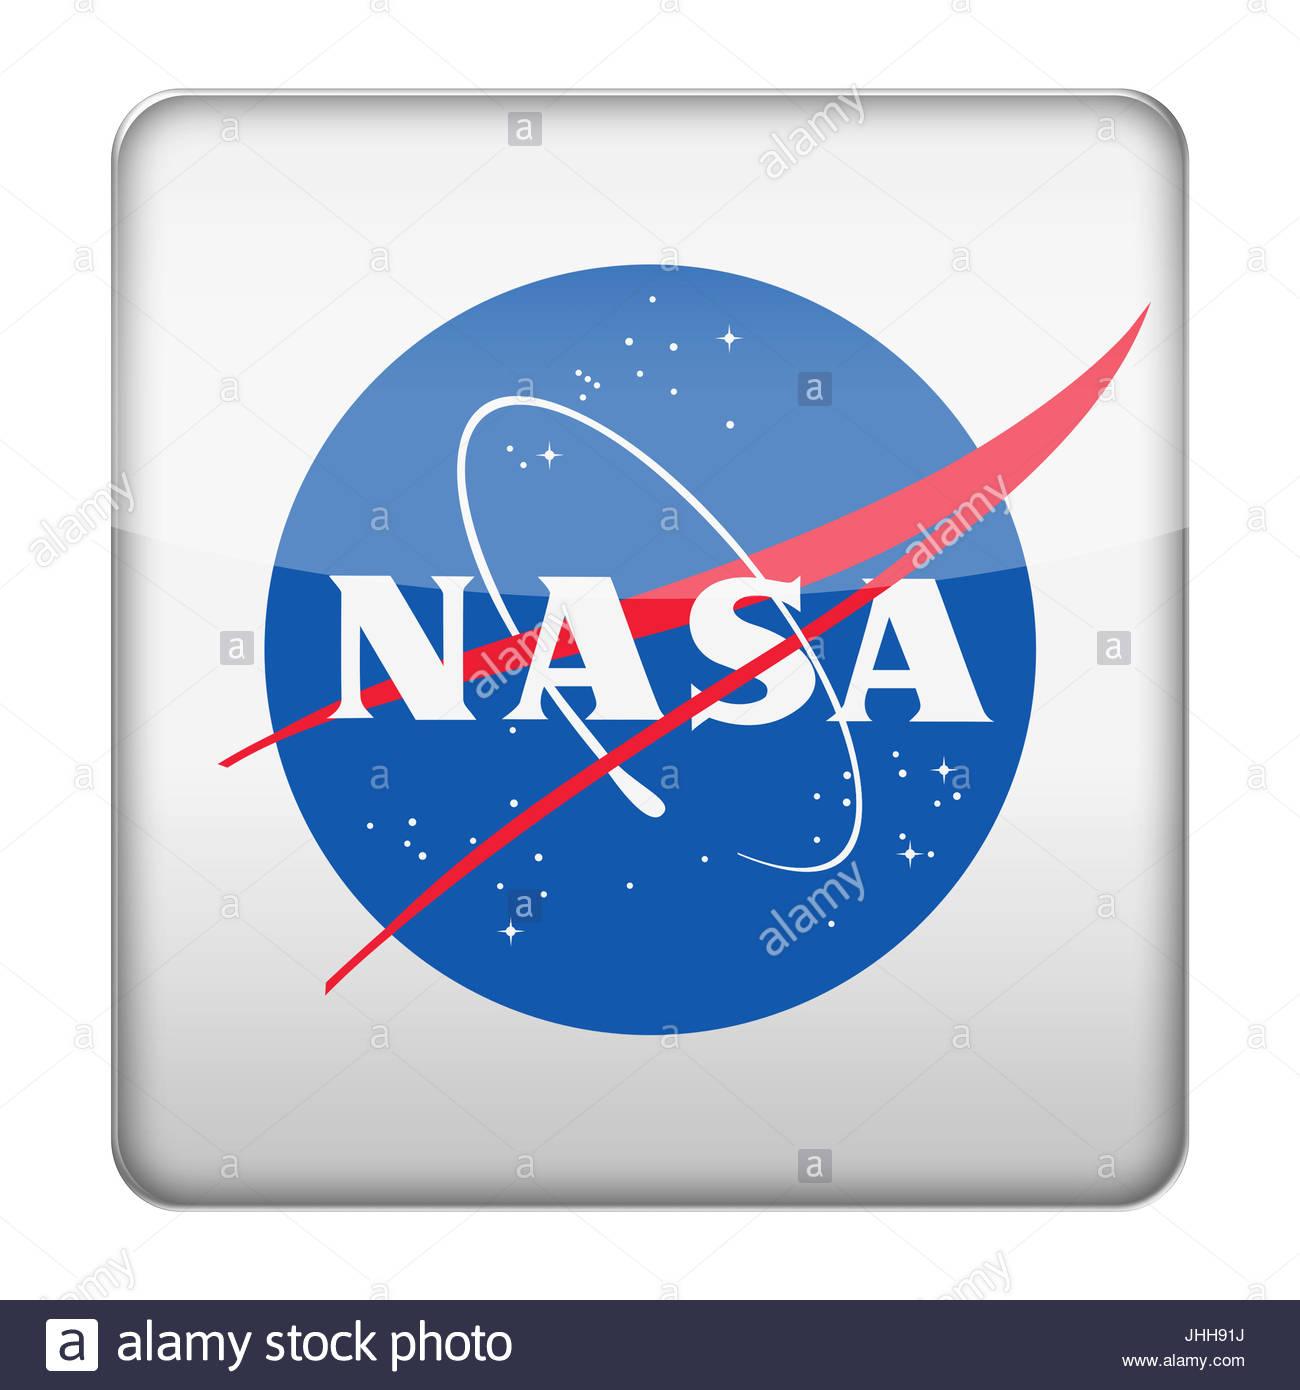 NASA logo icon button - Stock Image